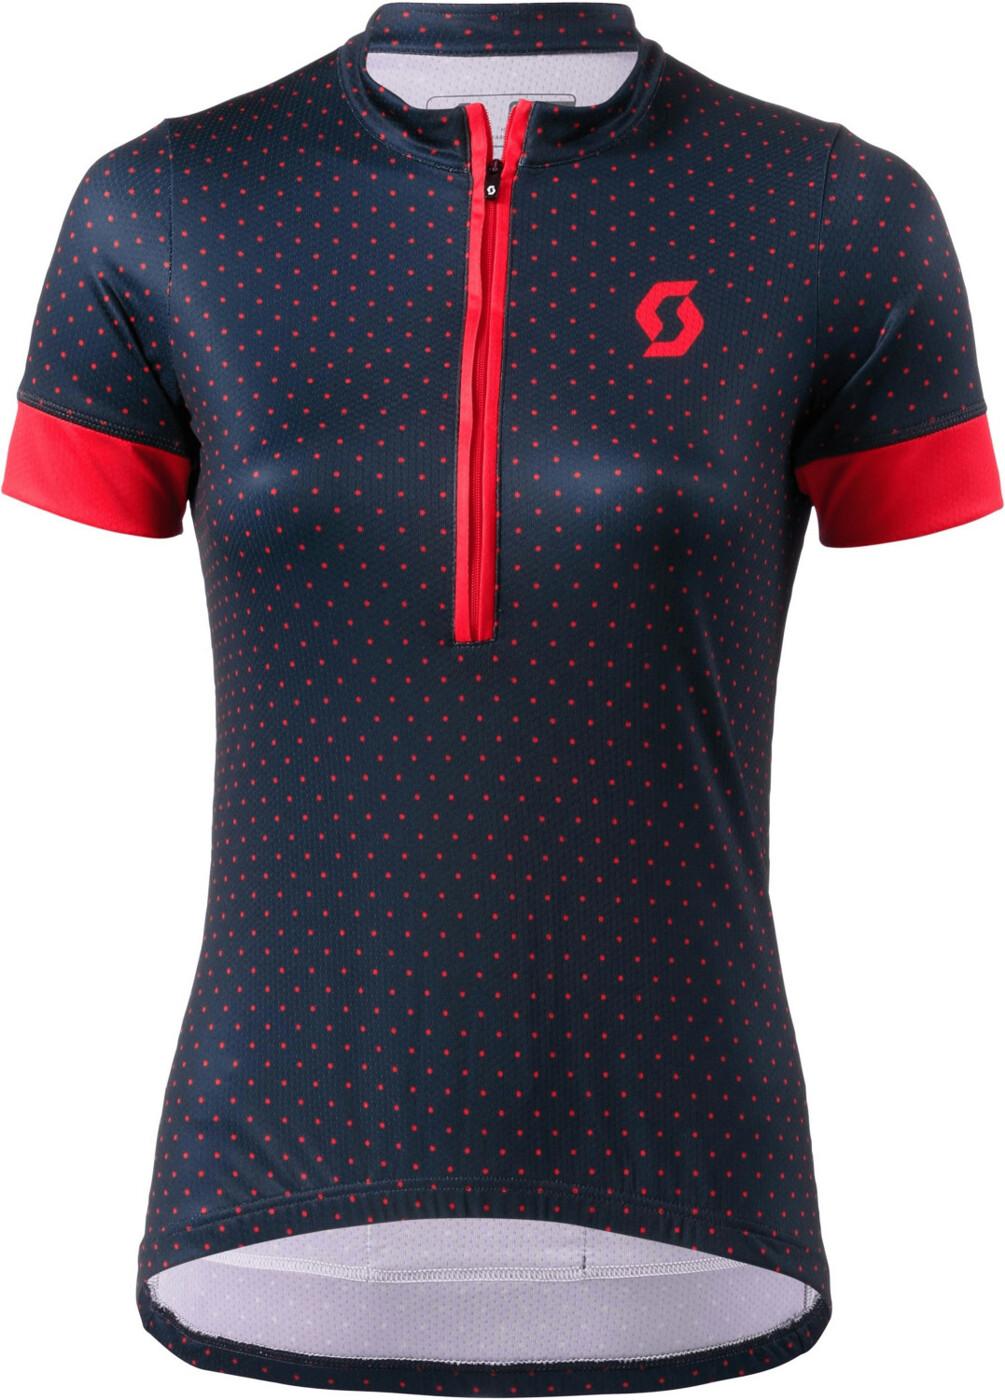 BIKE-TRIKOT SCO Shirt W's Endurance 30 s/sl Scott - Damen